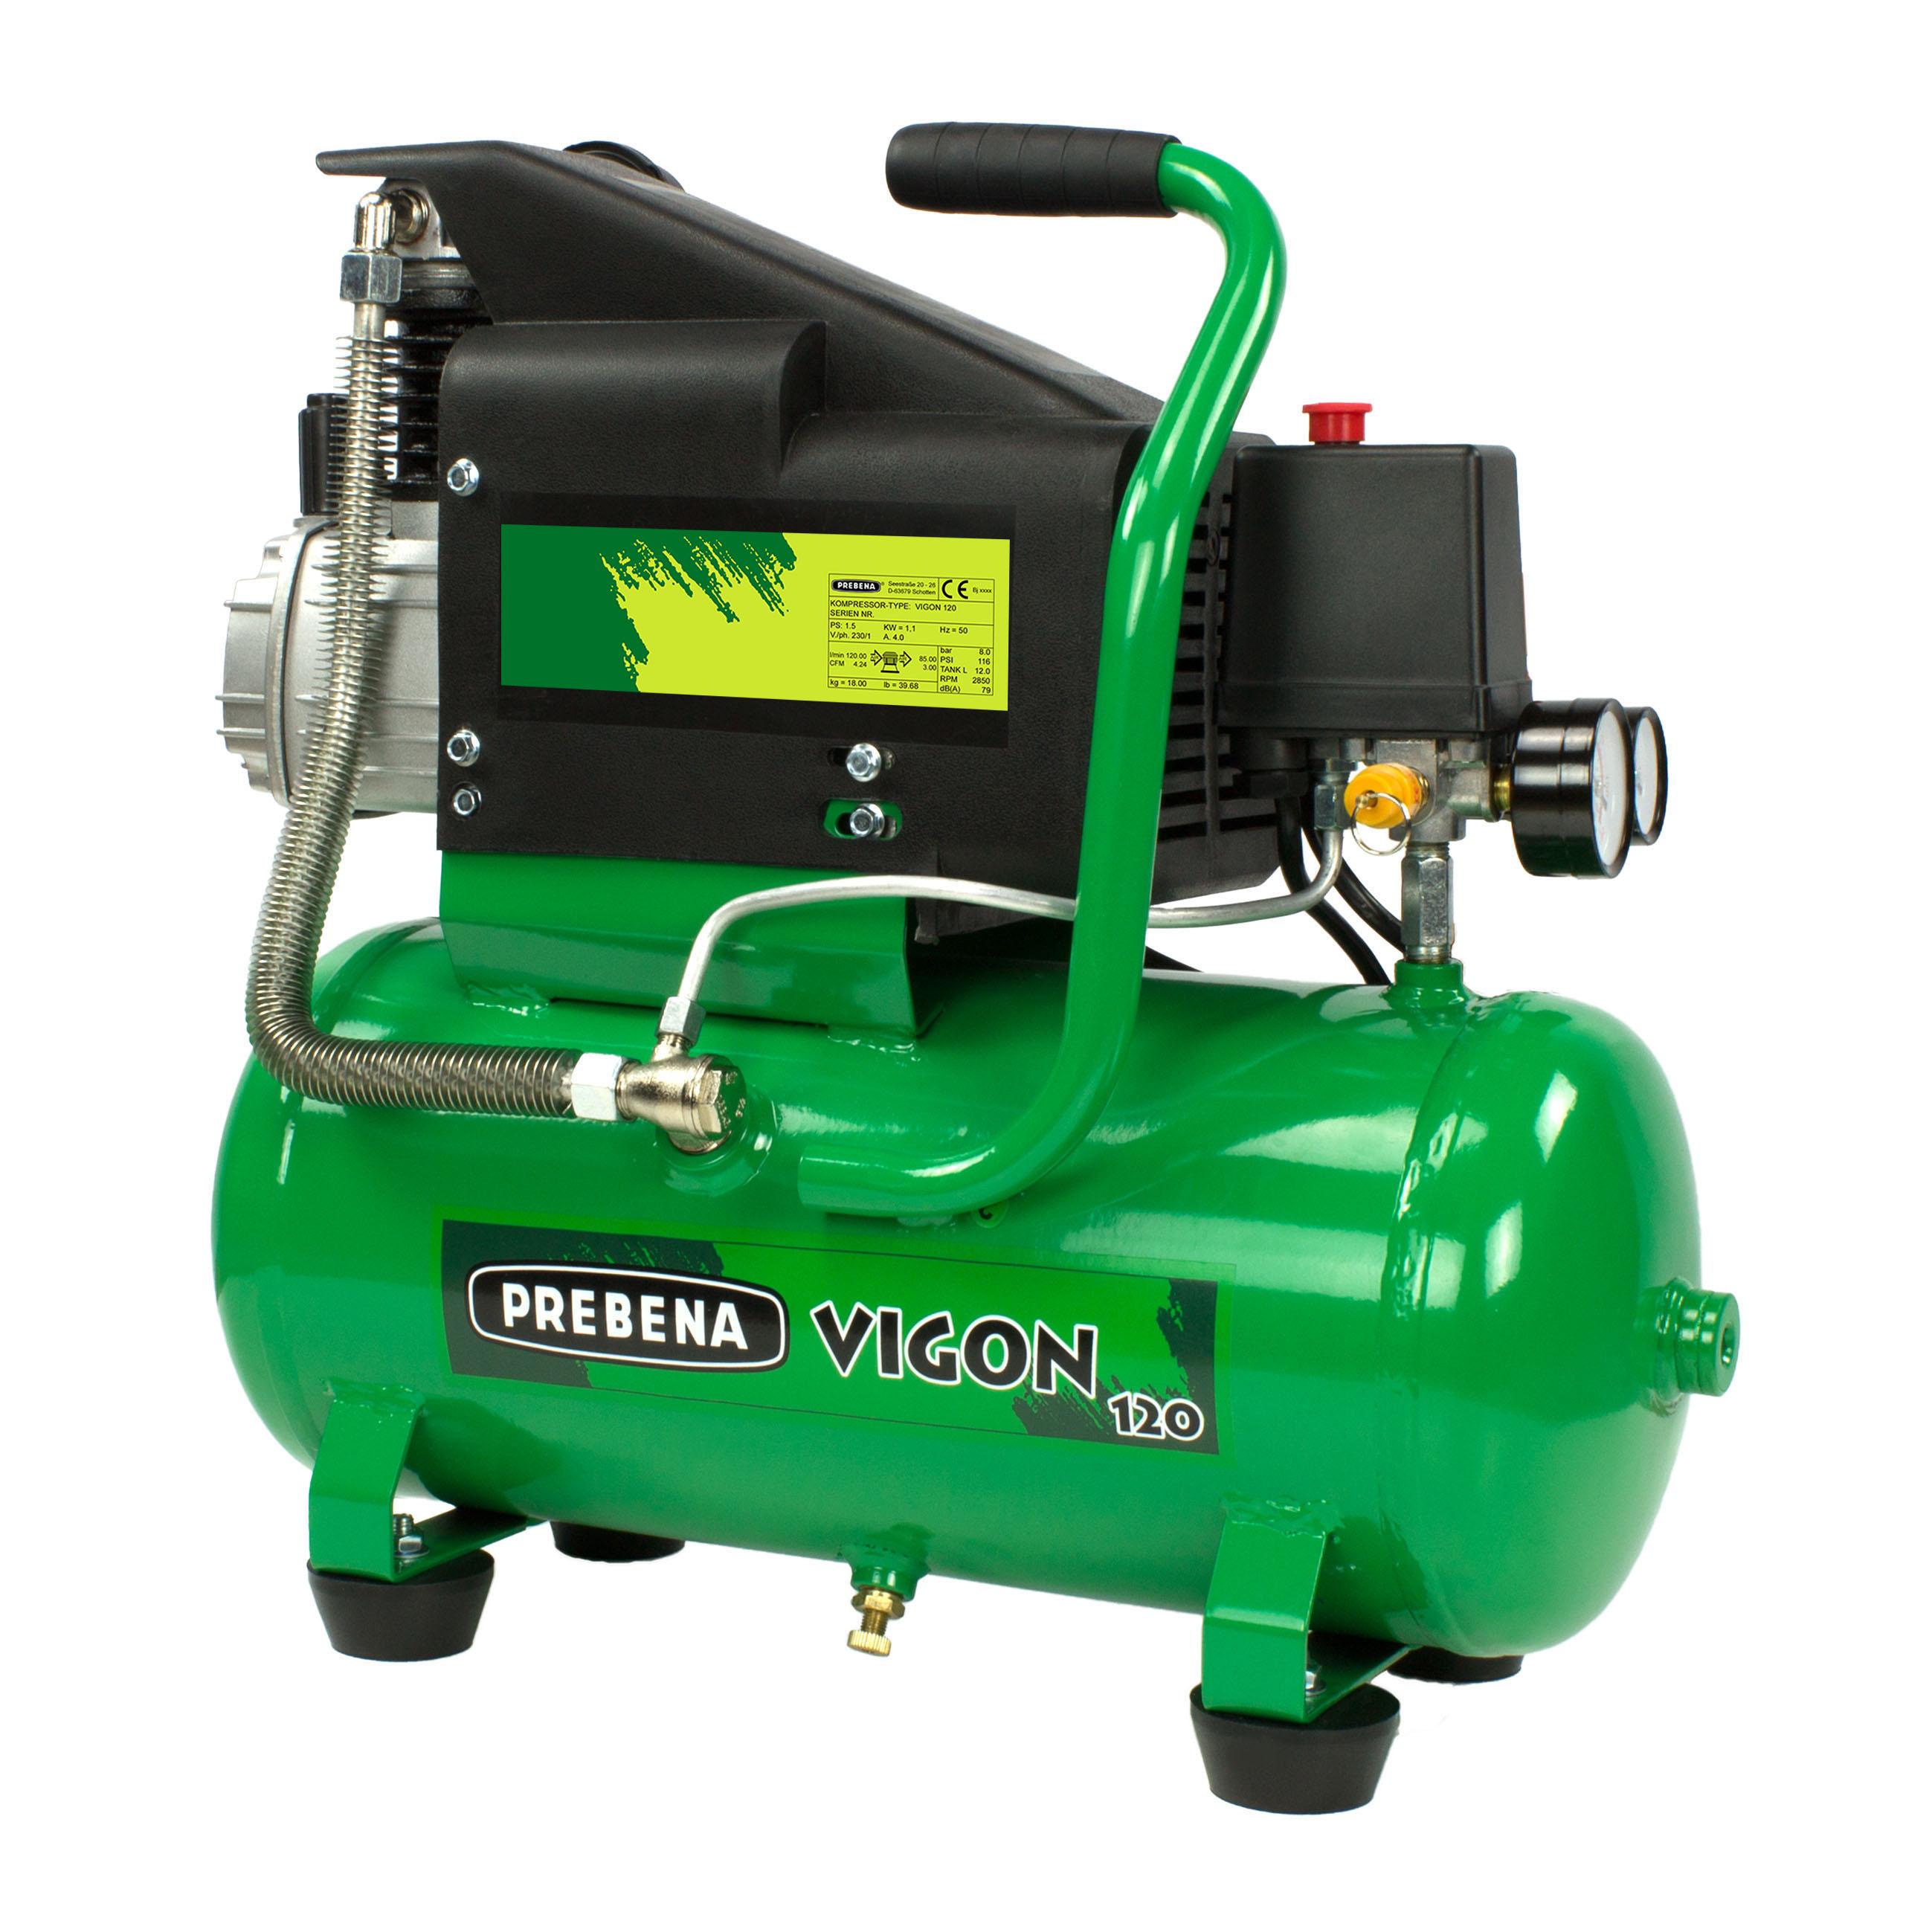 Set VIGON120 Kompressor + Schlauchset + Reifenfüller + Ausblaspistole